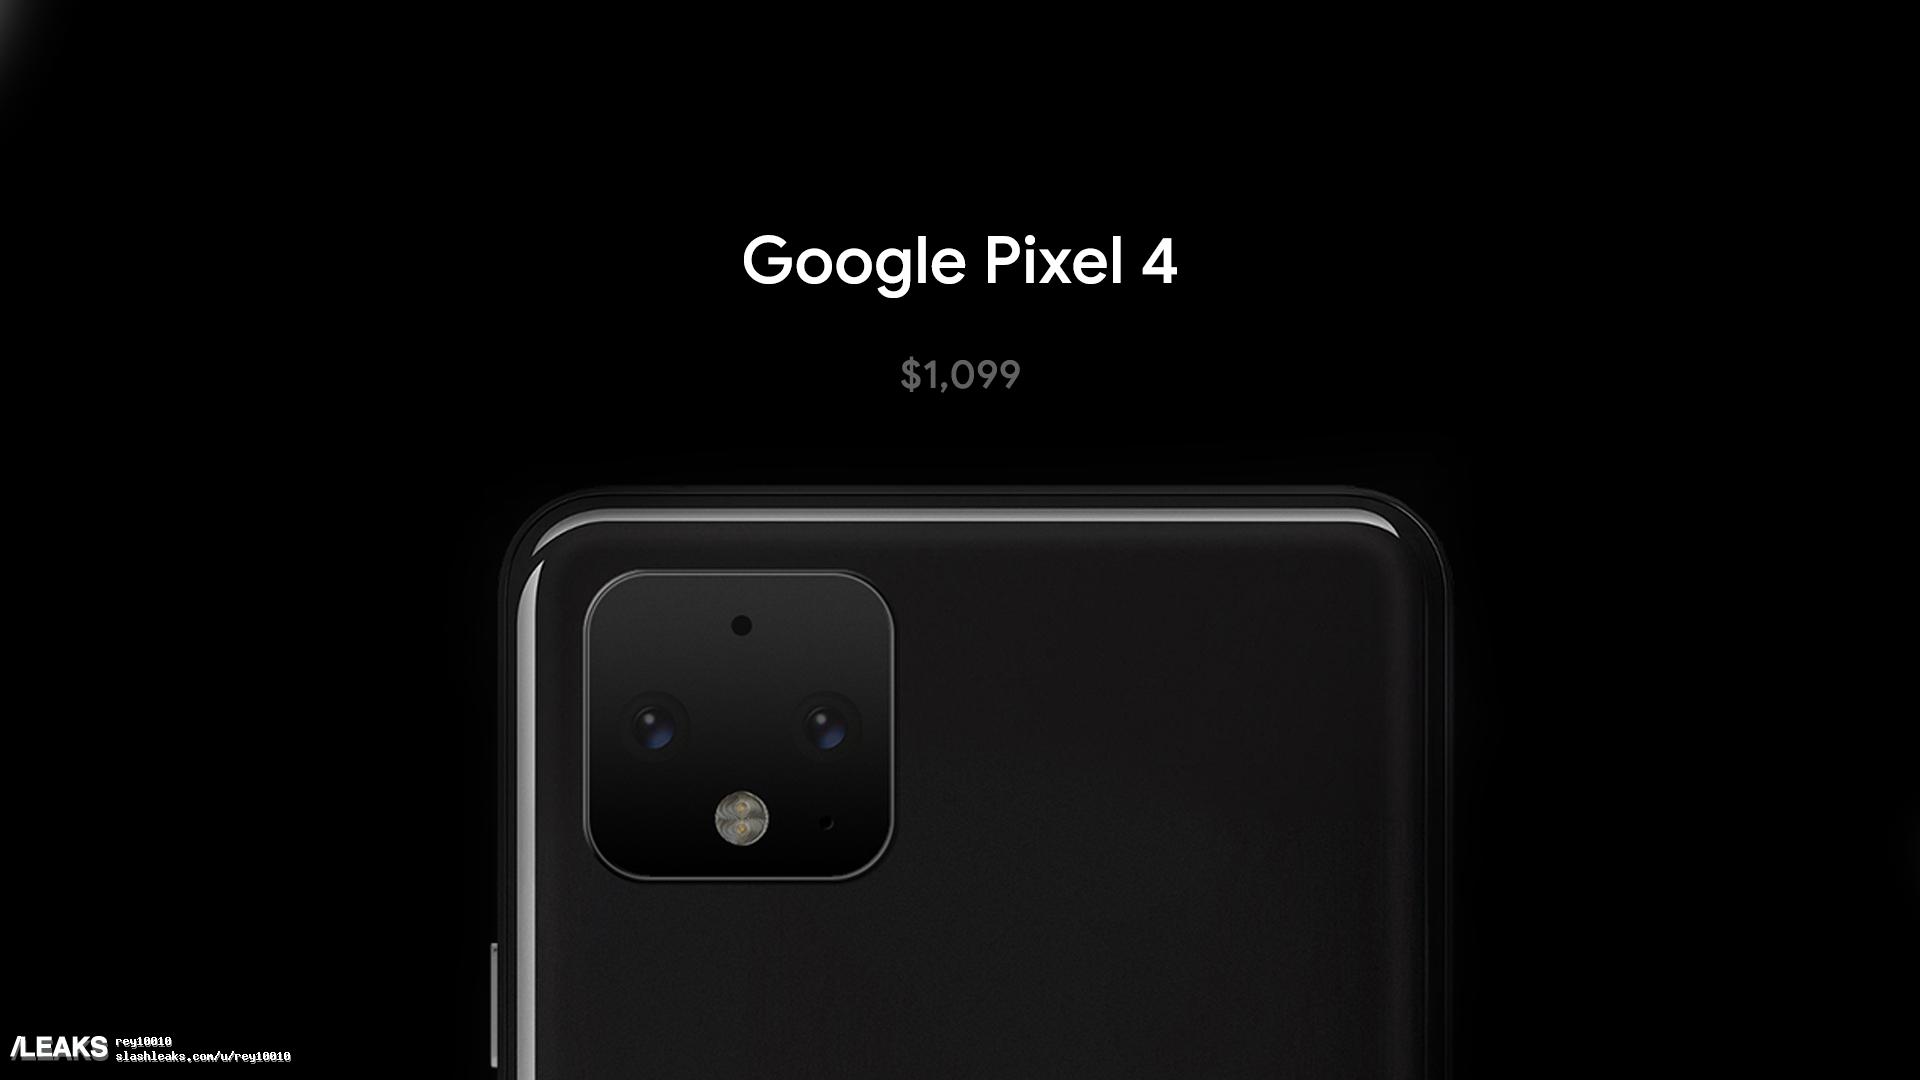 img Pixel 4 price tag